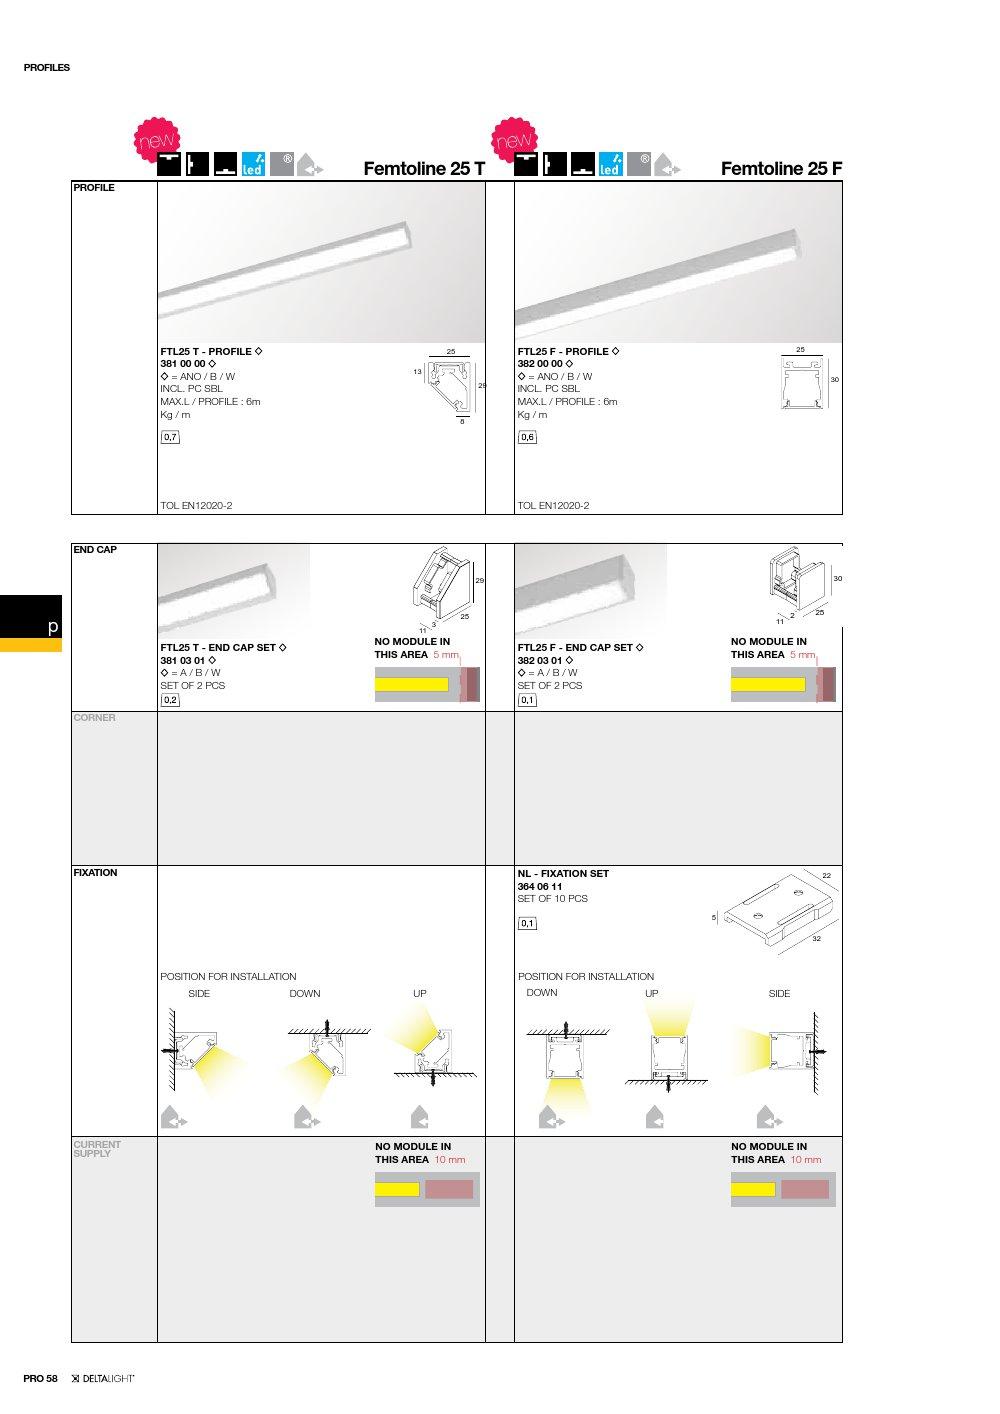 Femtoline FTL25 F Perfil LED End Cap Set A Delta Light Foto